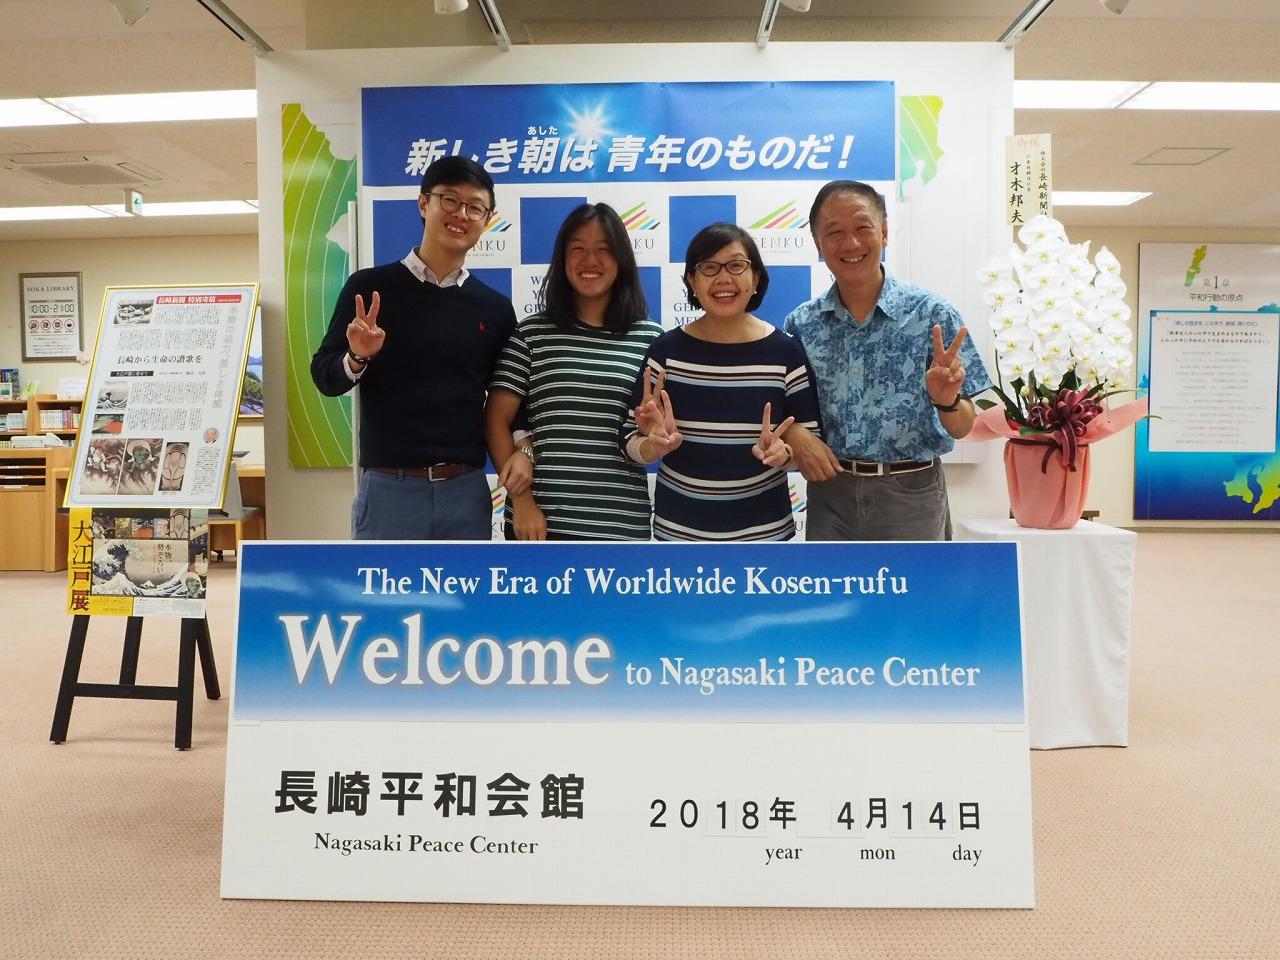 長崎創価学会 4月 シンガポールSGI